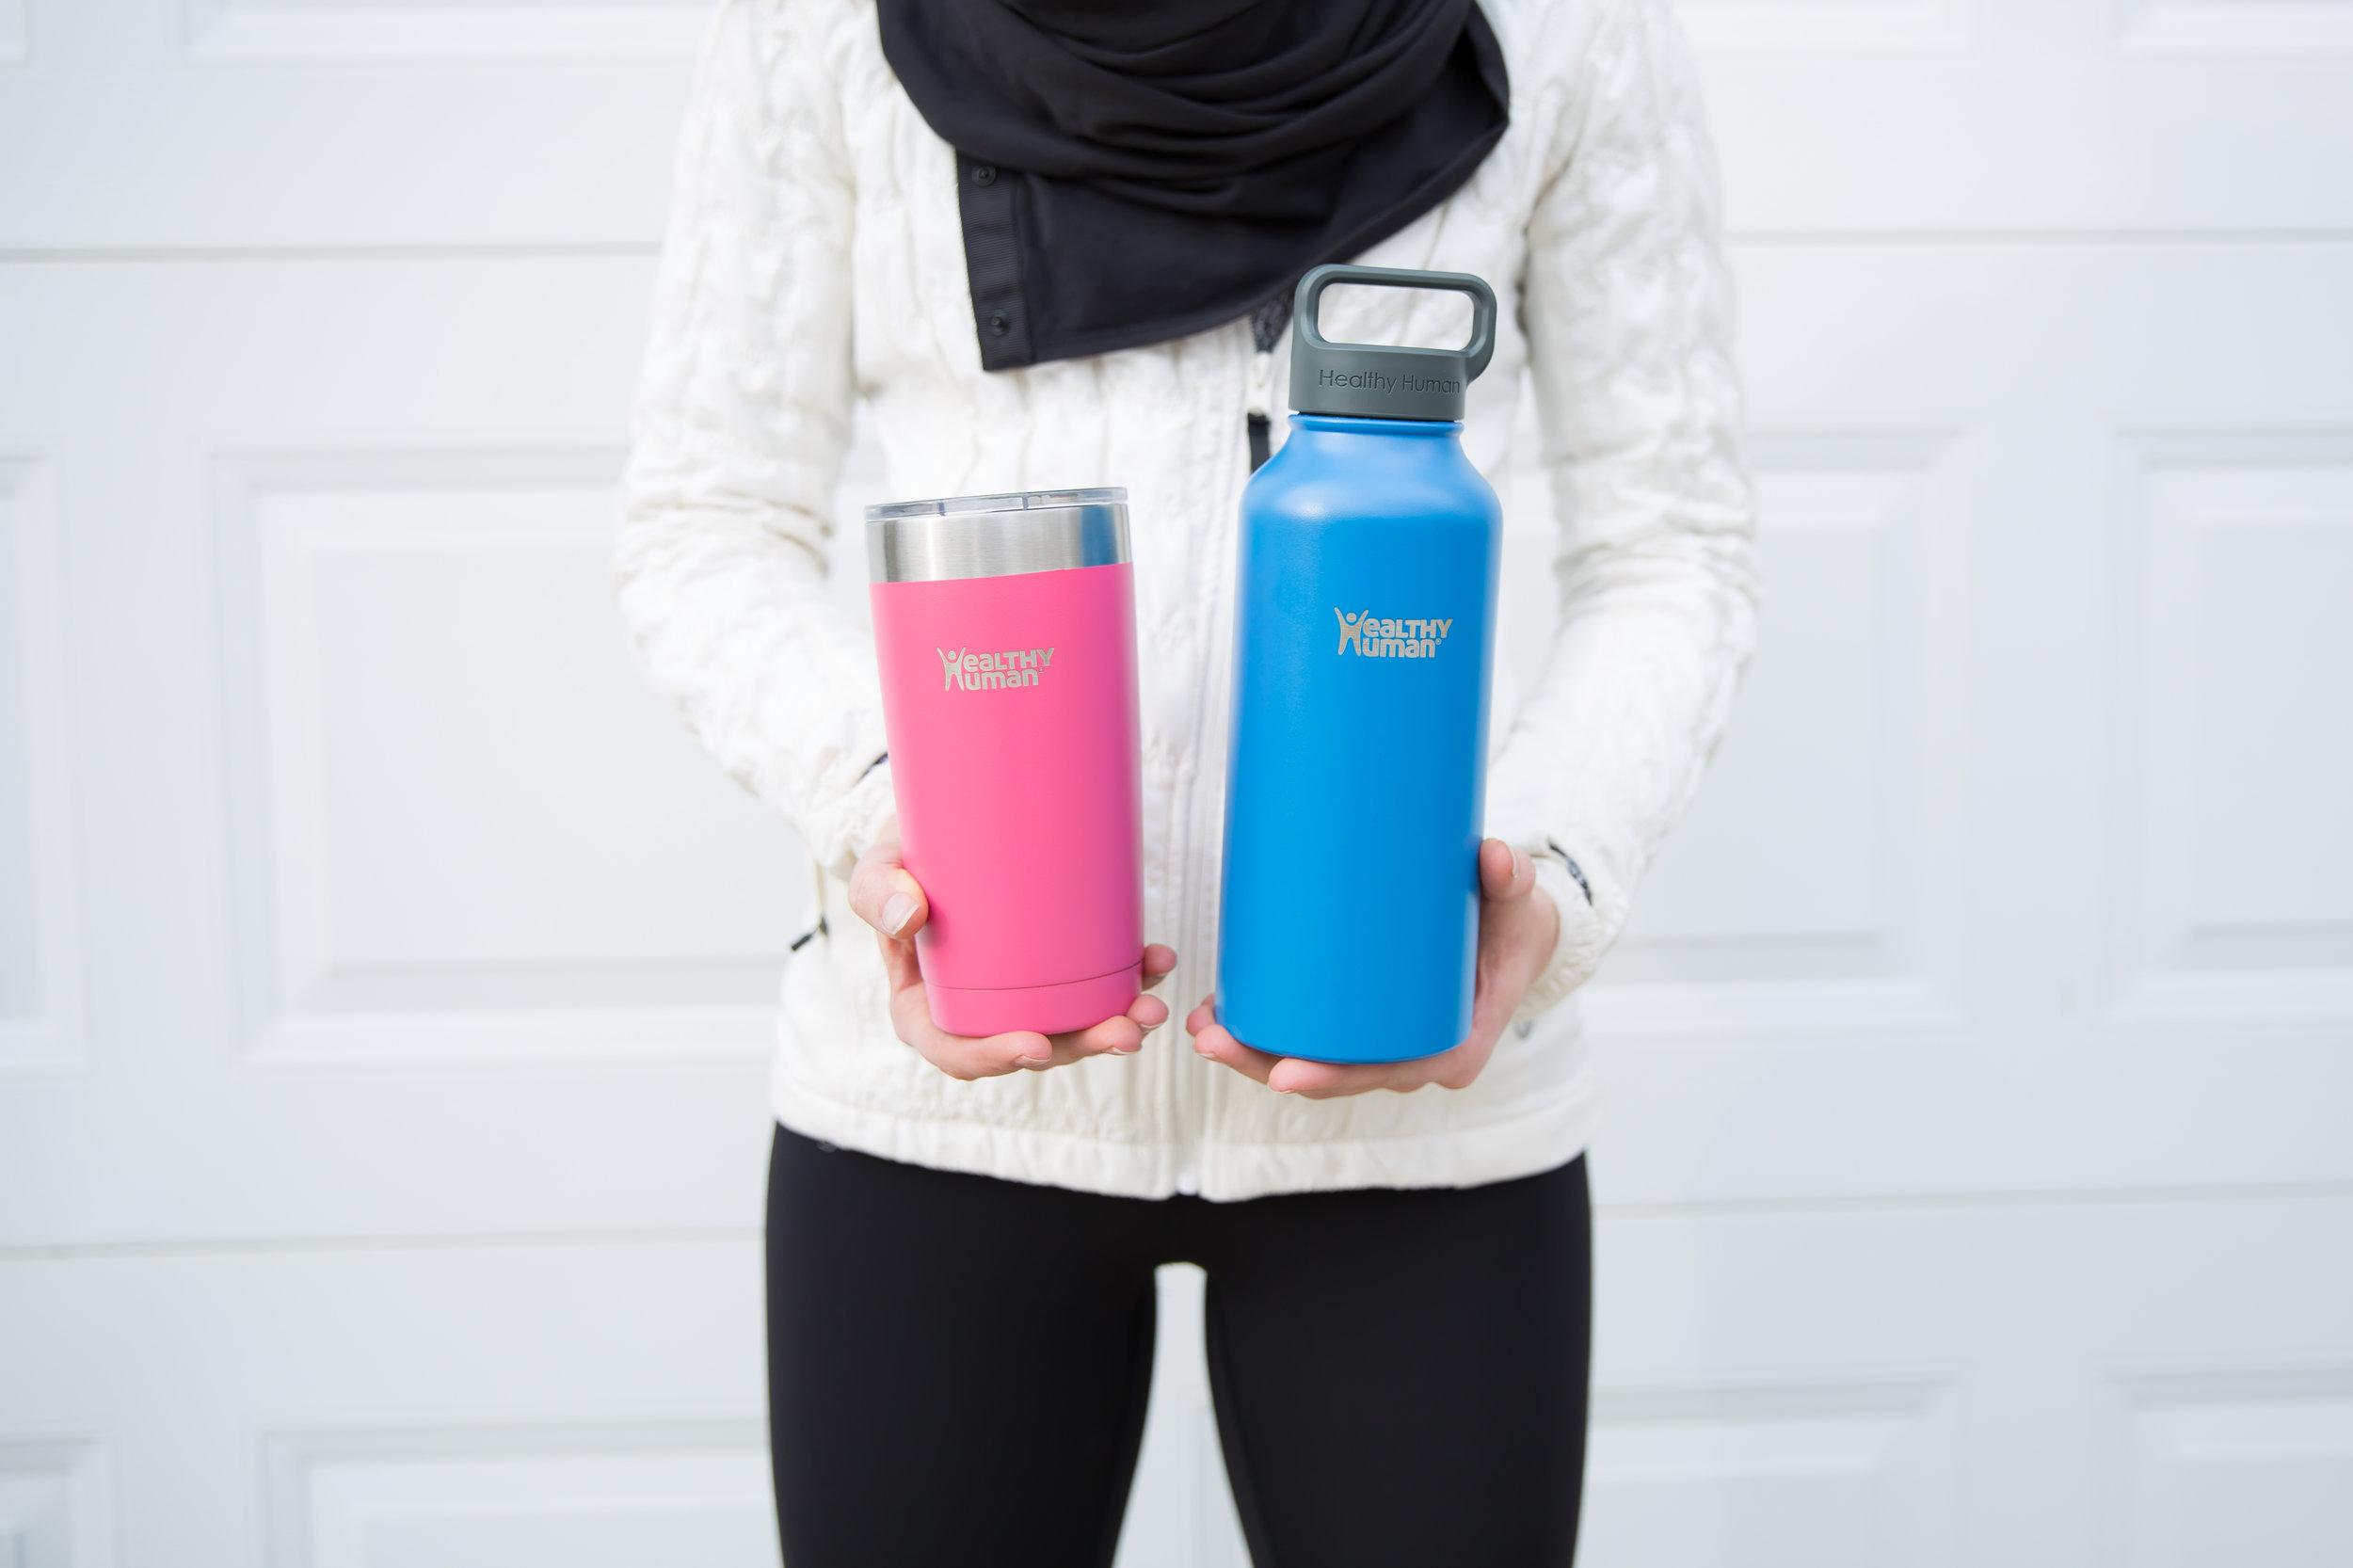 Steins, Tumblers, Cruisers, BPA free, My Favorite Water Bottle, Best Water Bottles, Toxin Free, Green People